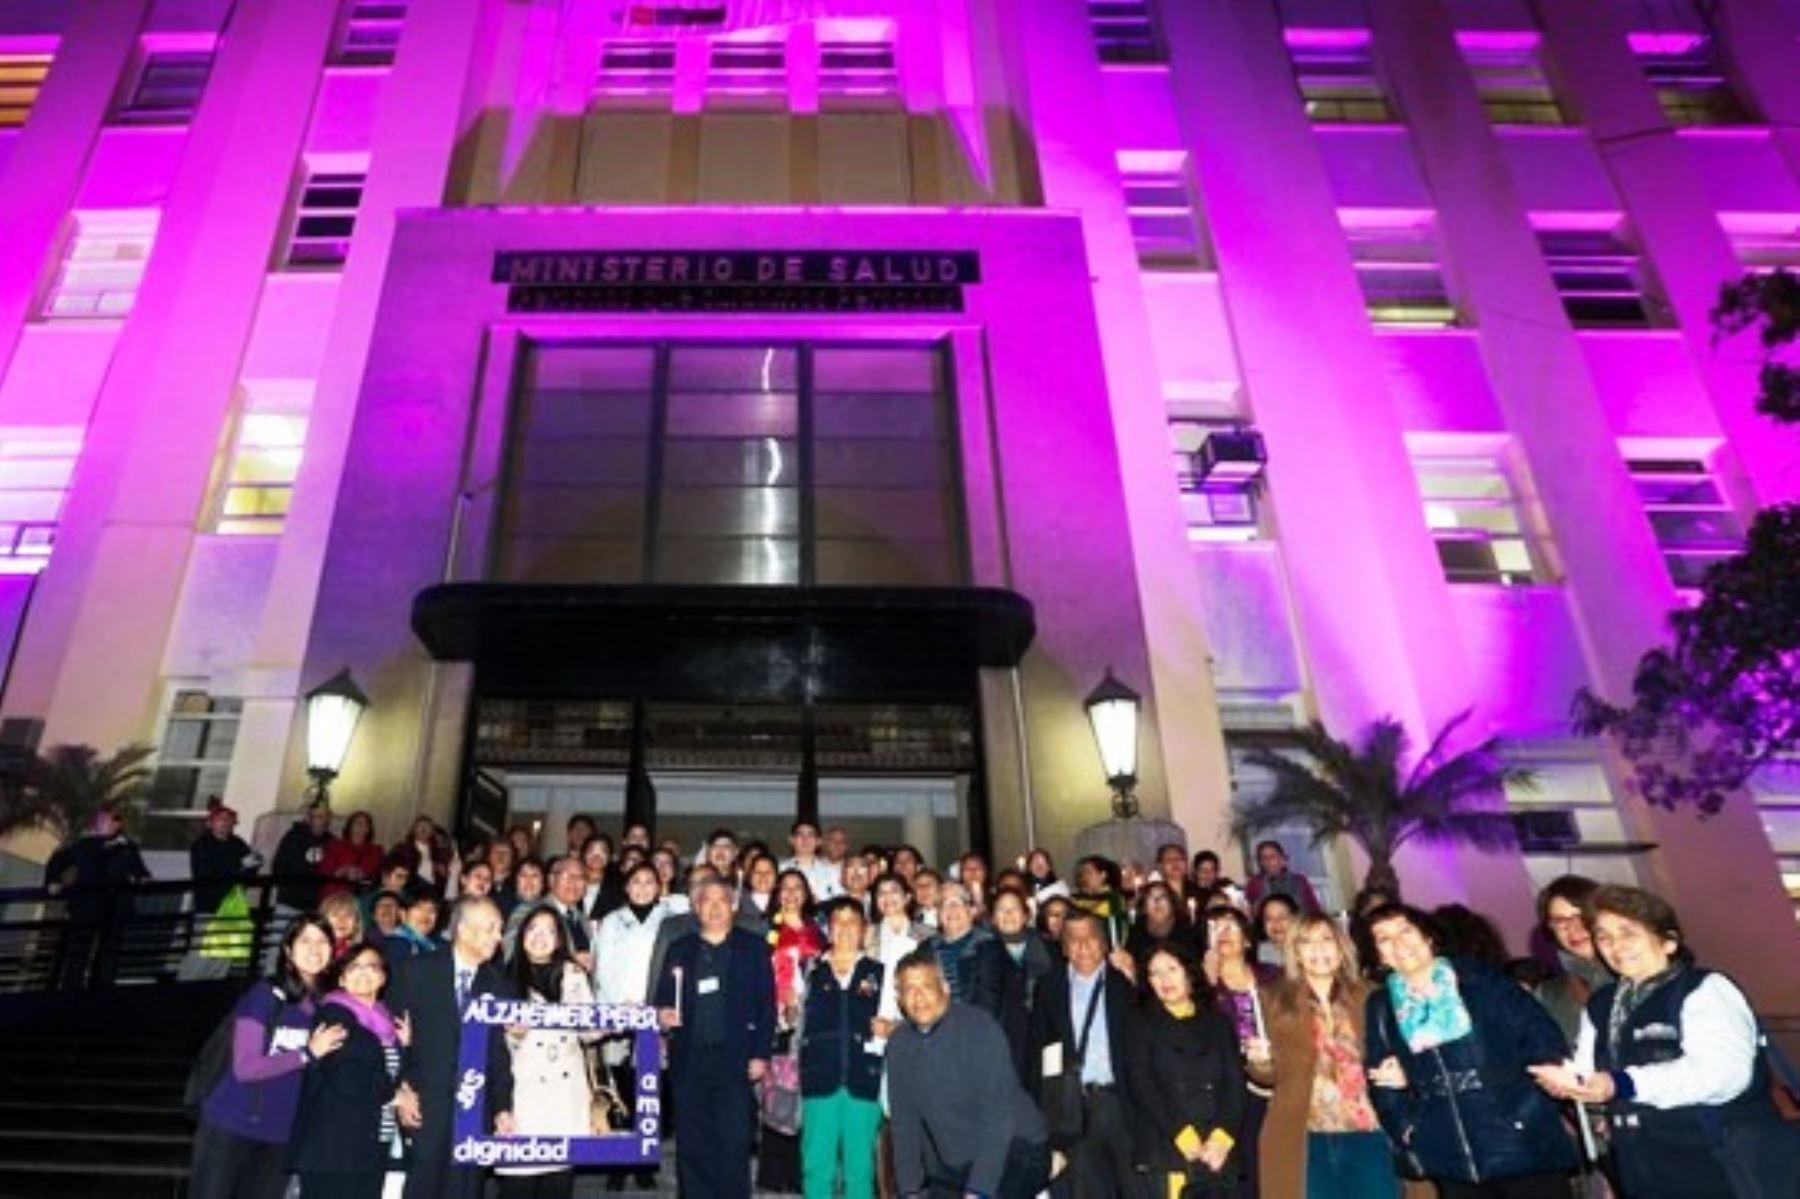 Minsa se iluminó de morado por el Día Mundial del Alzhéimer. Foto: ANDINA/difusión.